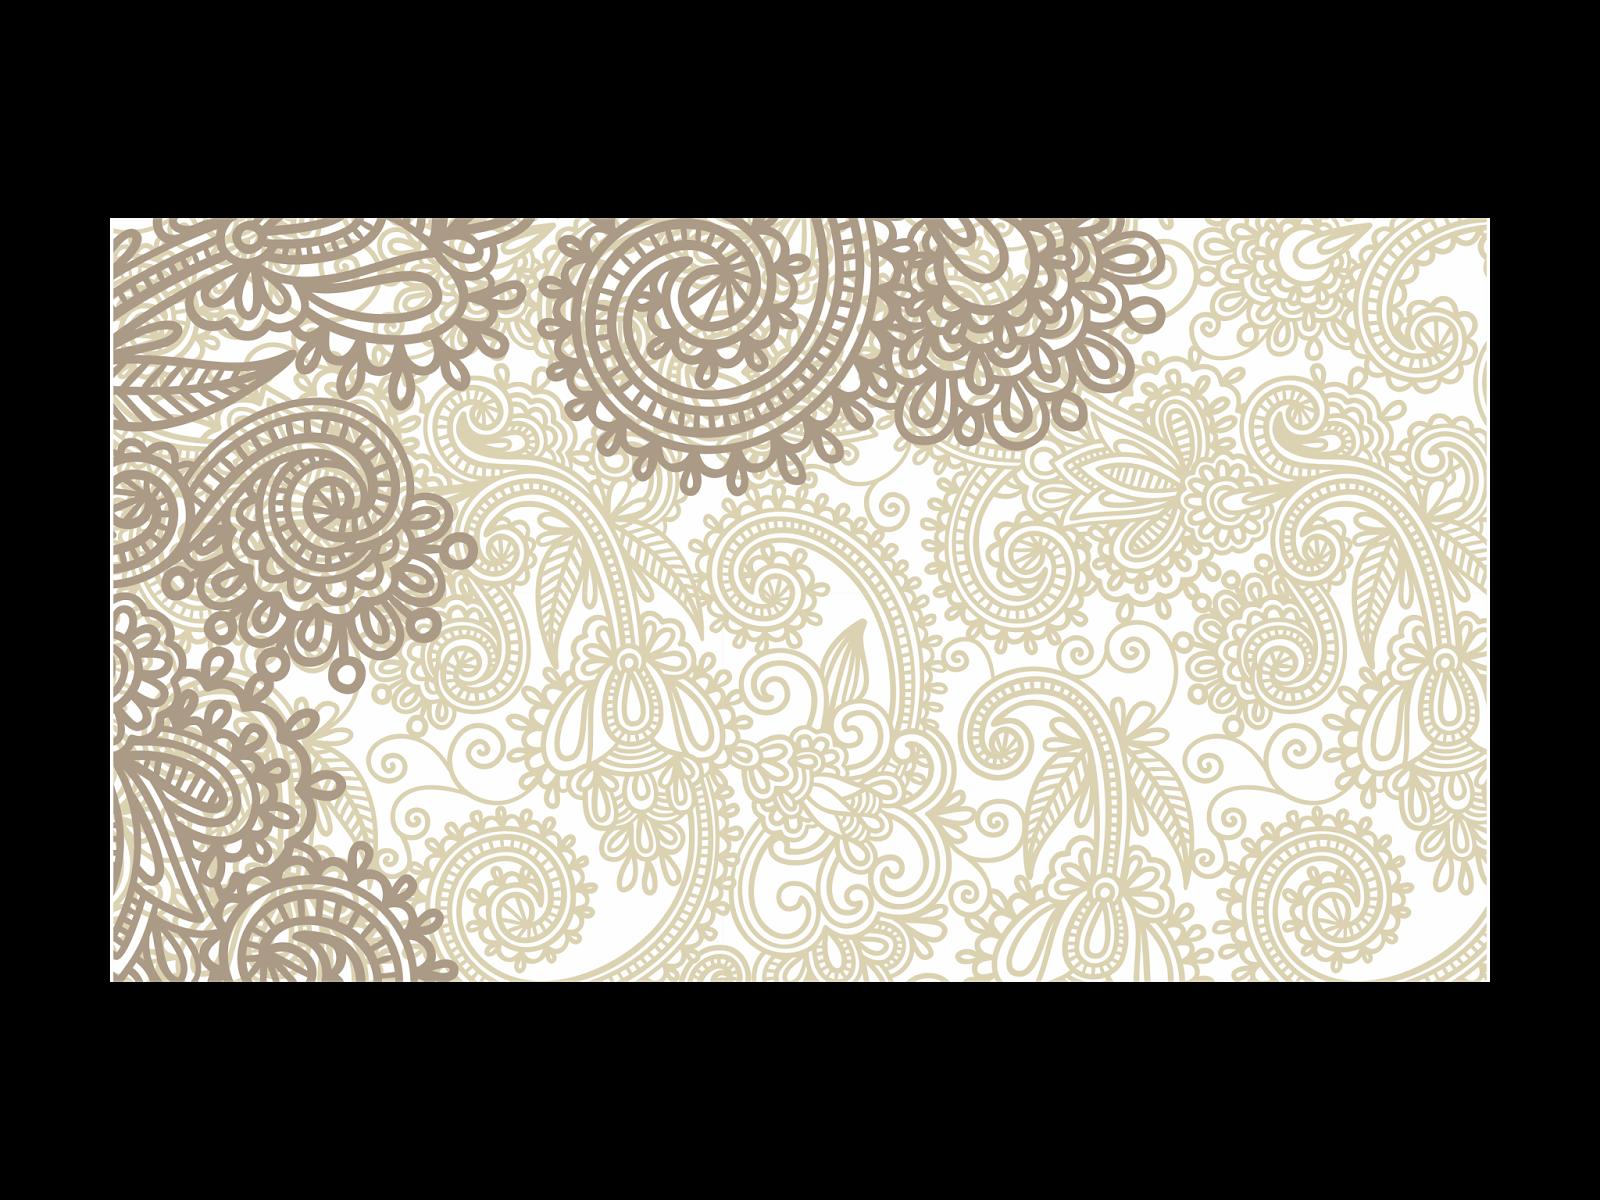 batik hitam putih cdr grosir batik solo terkini batik hitam putih cdr grosir batik